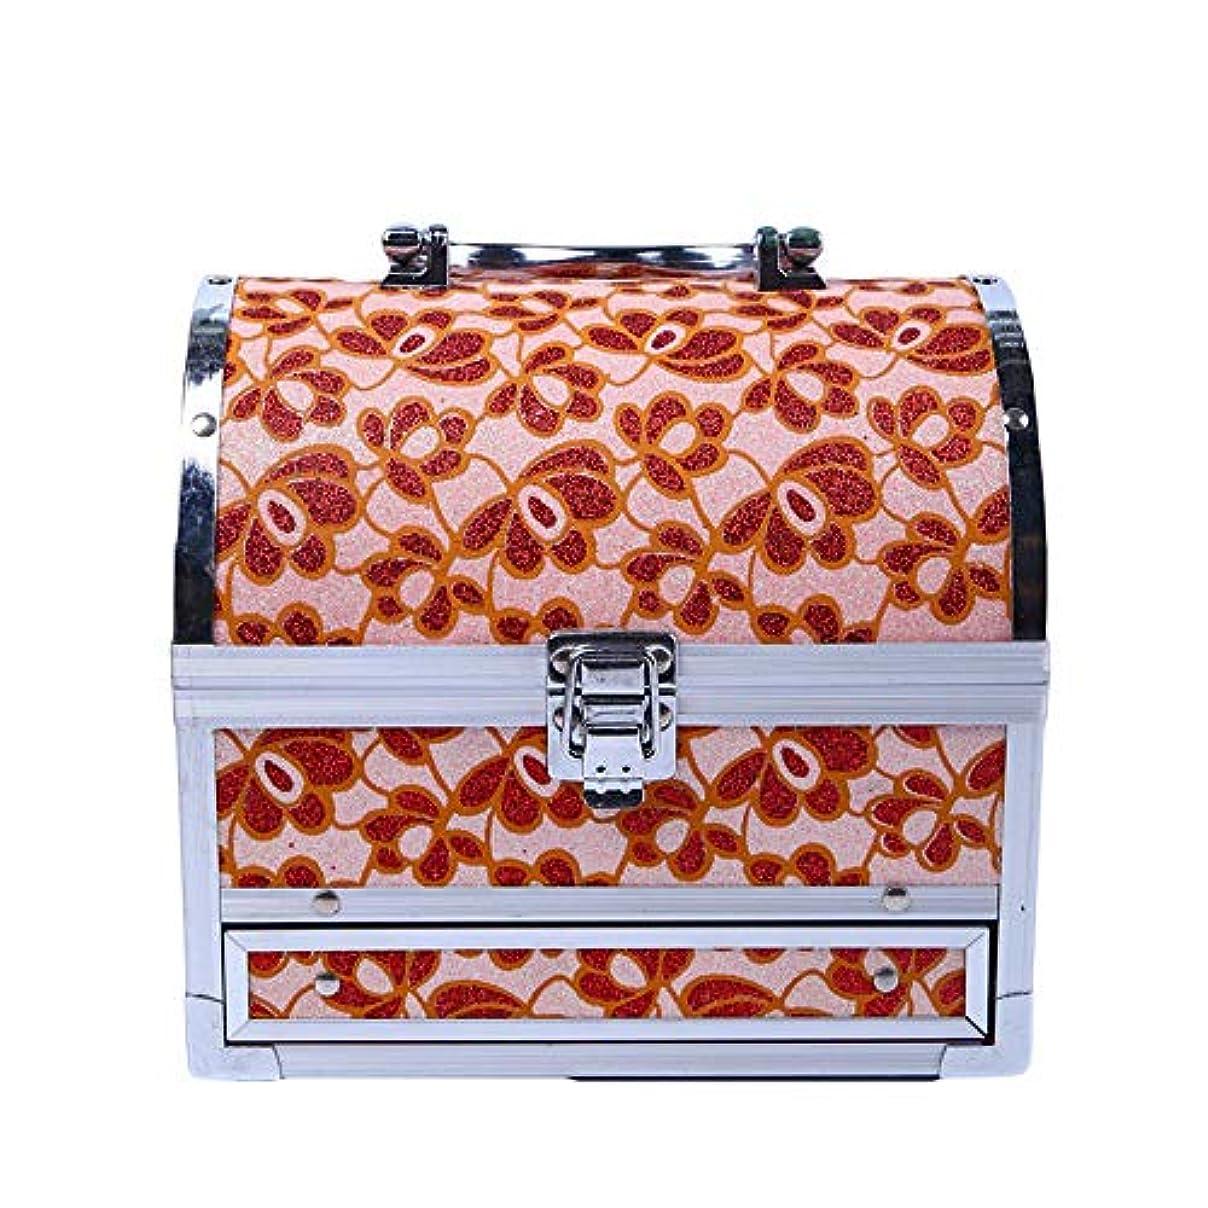 部族成長する松化粧オーガナイザーバッグ 美容メイクアップのための大容量ポータブル化粧ケース、女性化粧ミラー付きのロック付き女性旅行と毎日の保管 化粧品ケース